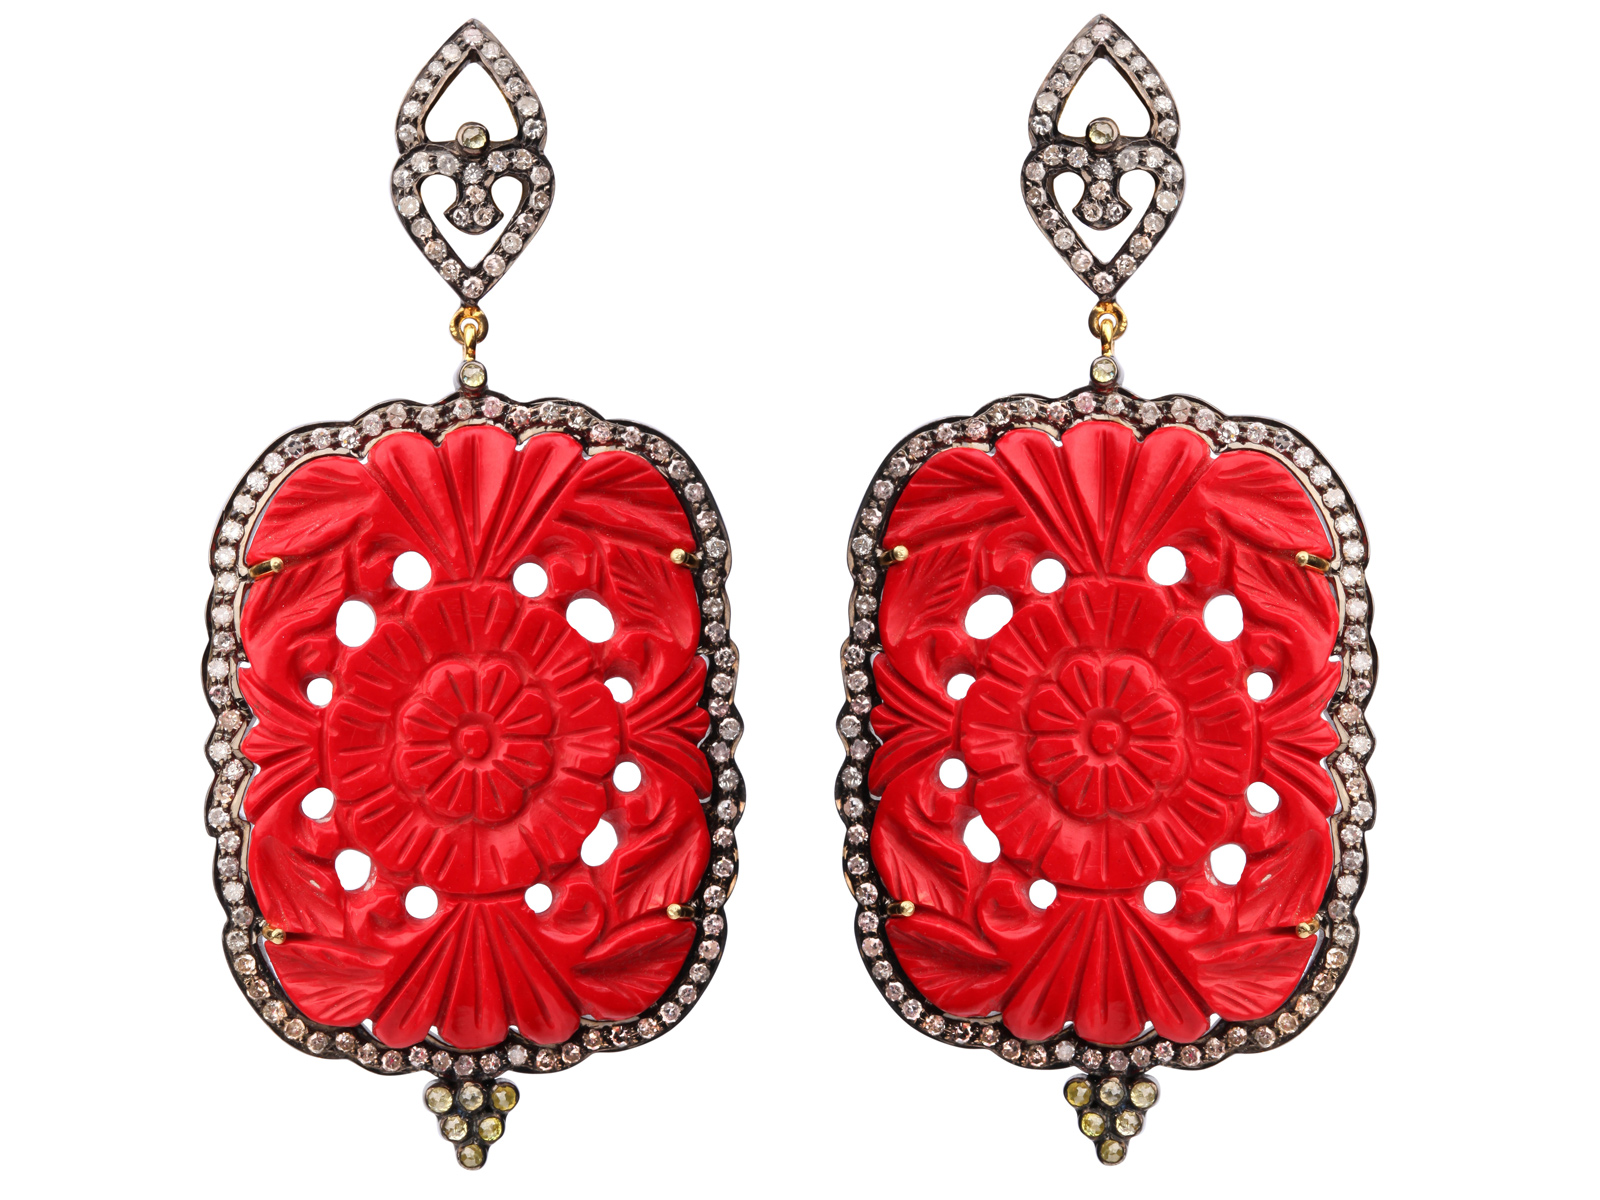 Серьги, Indian Jewels Ювелирный Дом Голконда, ул. Кузнецкий мост, 3/2, тел. (495) 628 2101